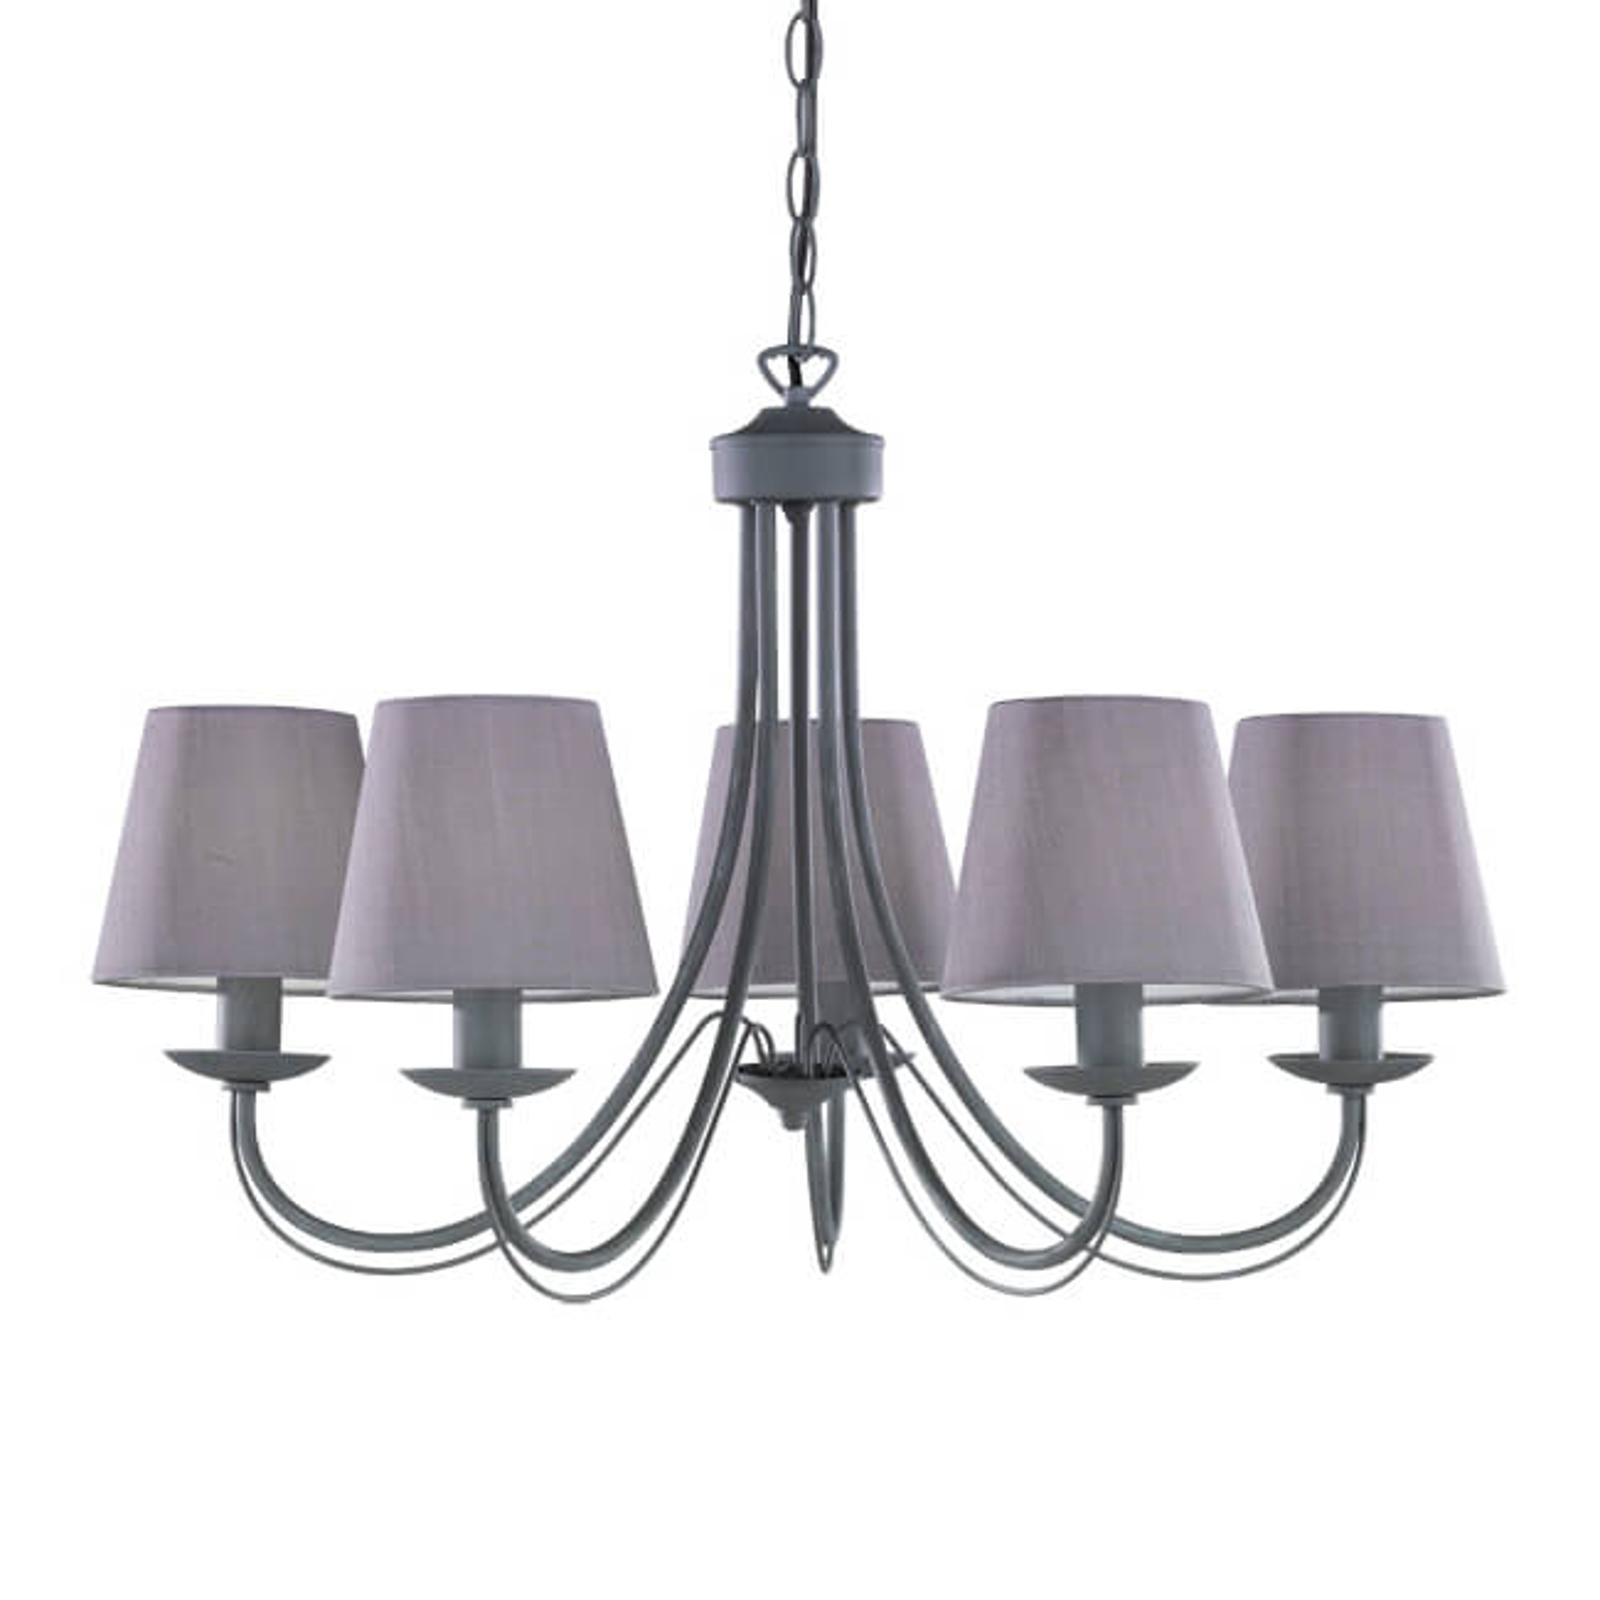 Lustr Cortez, šedý, 5 žárovky